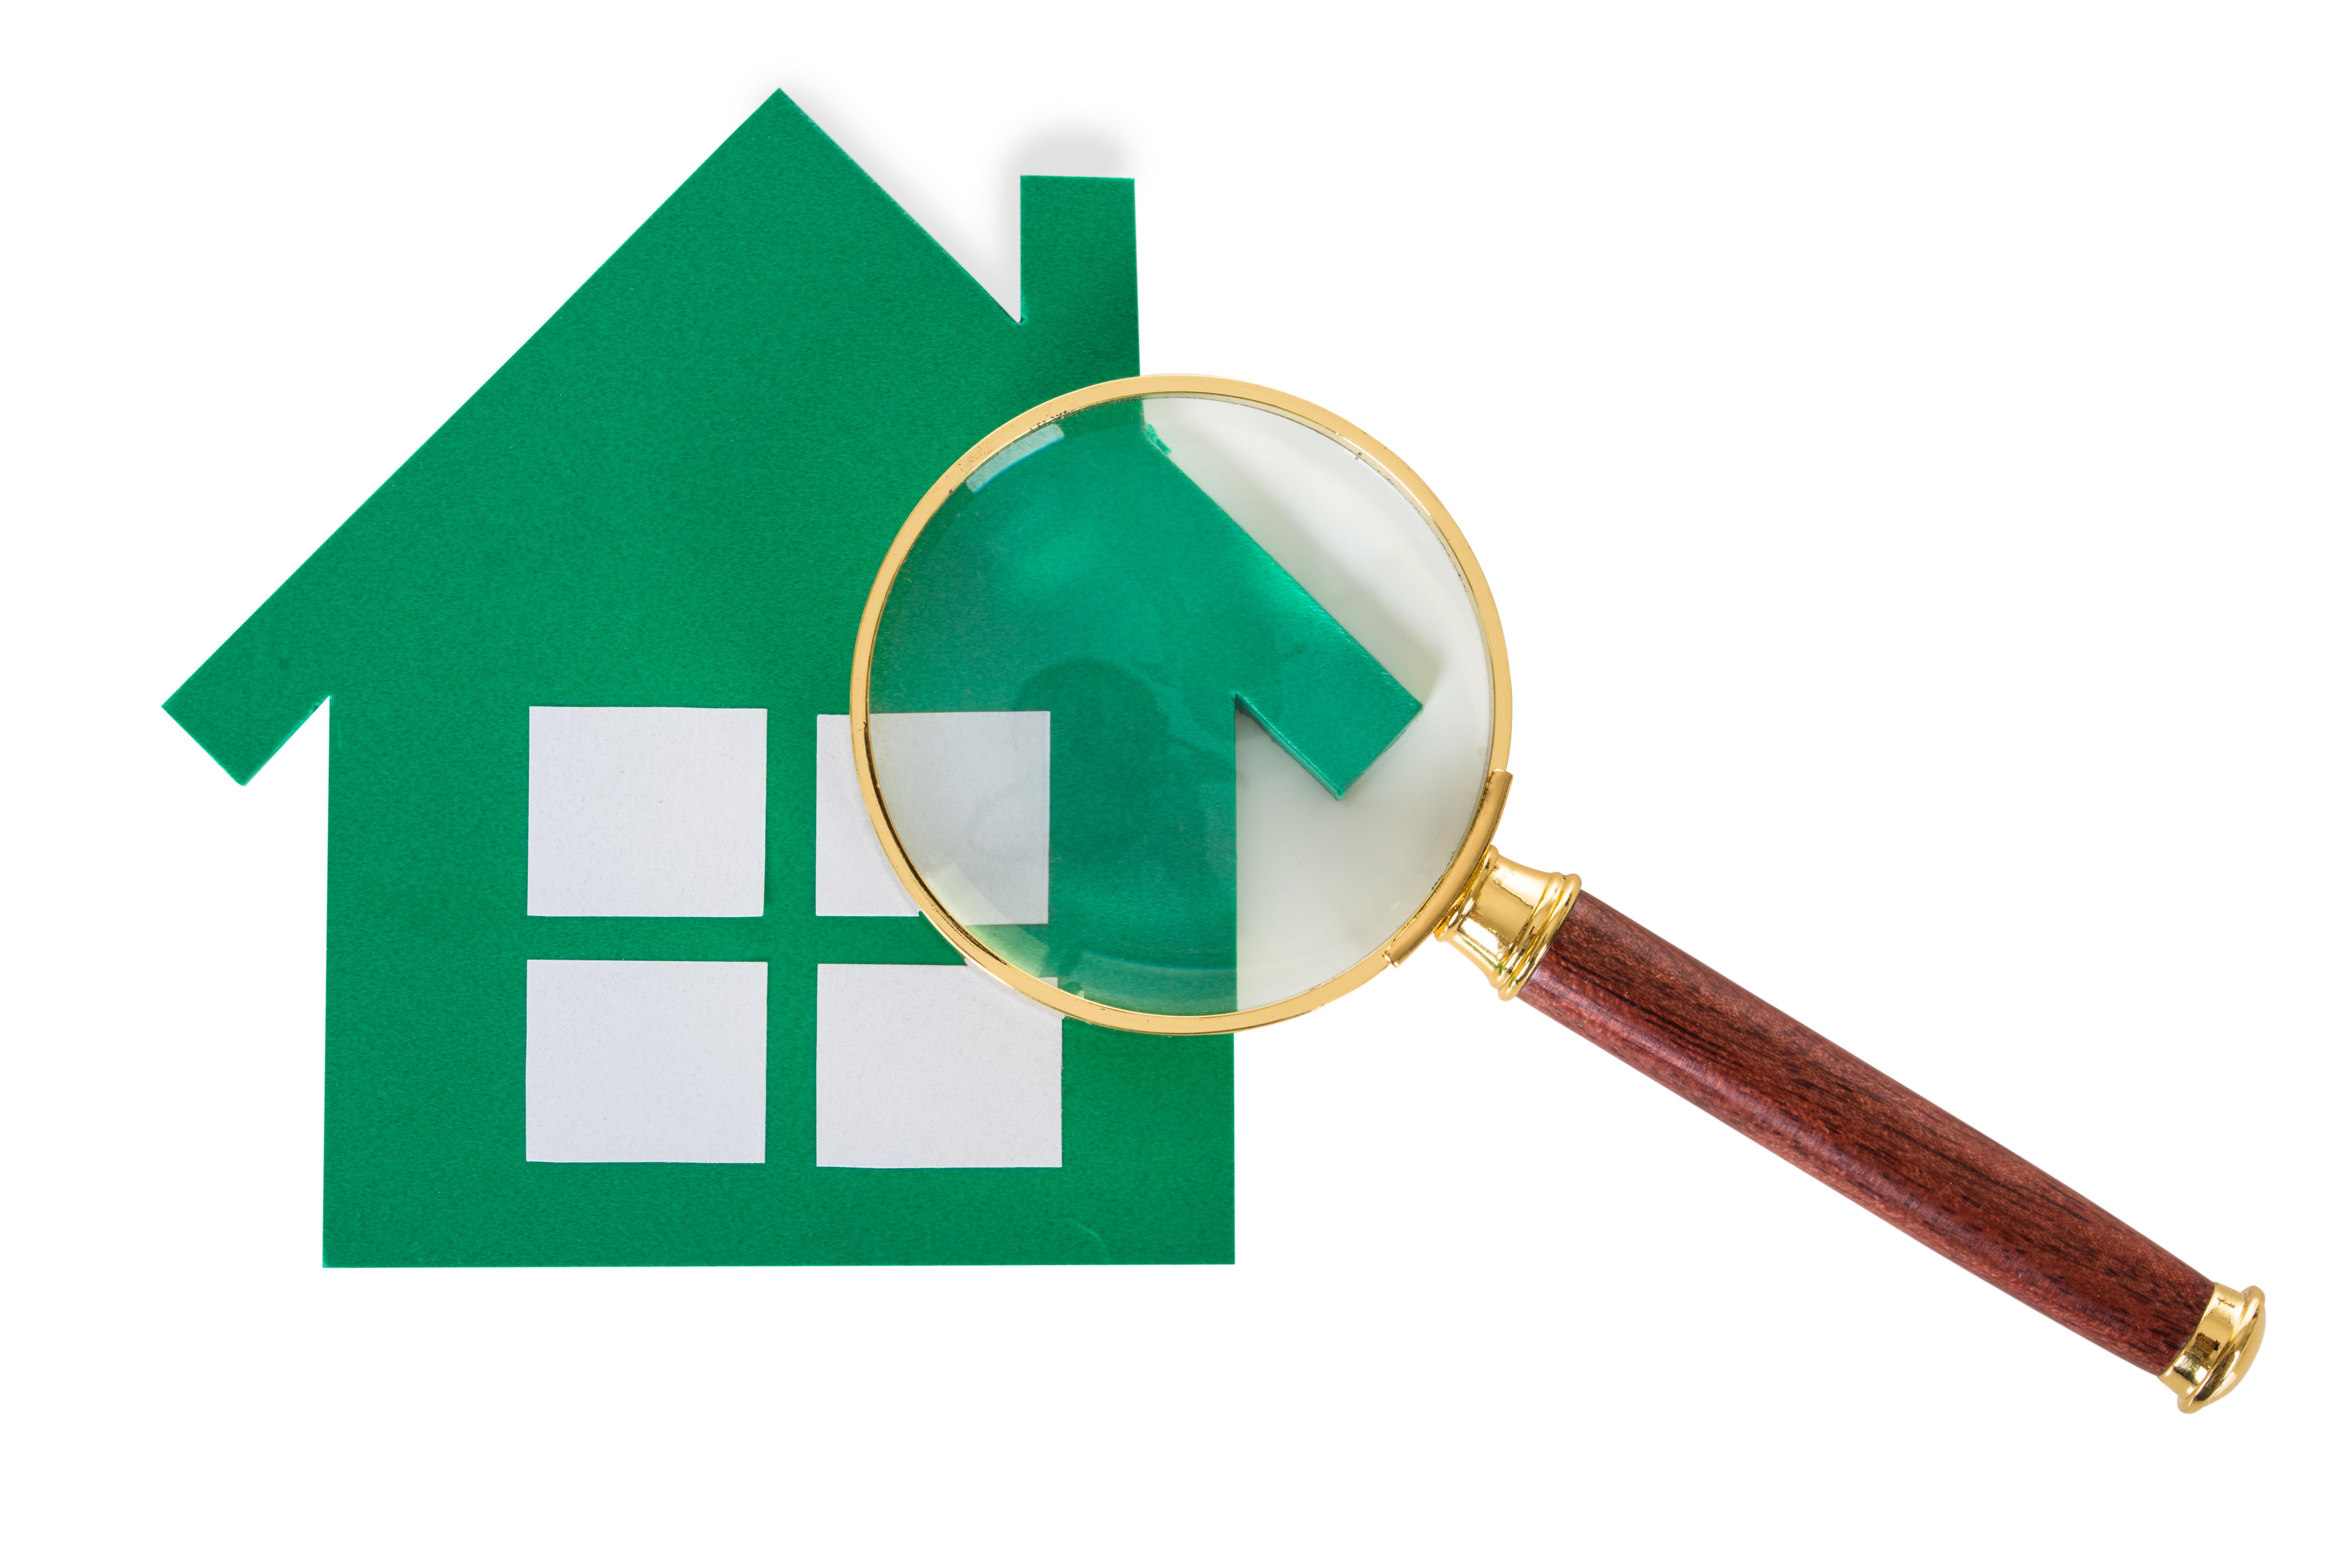 La denuncia dell'inquilino per l'affitto in nero / Gtres